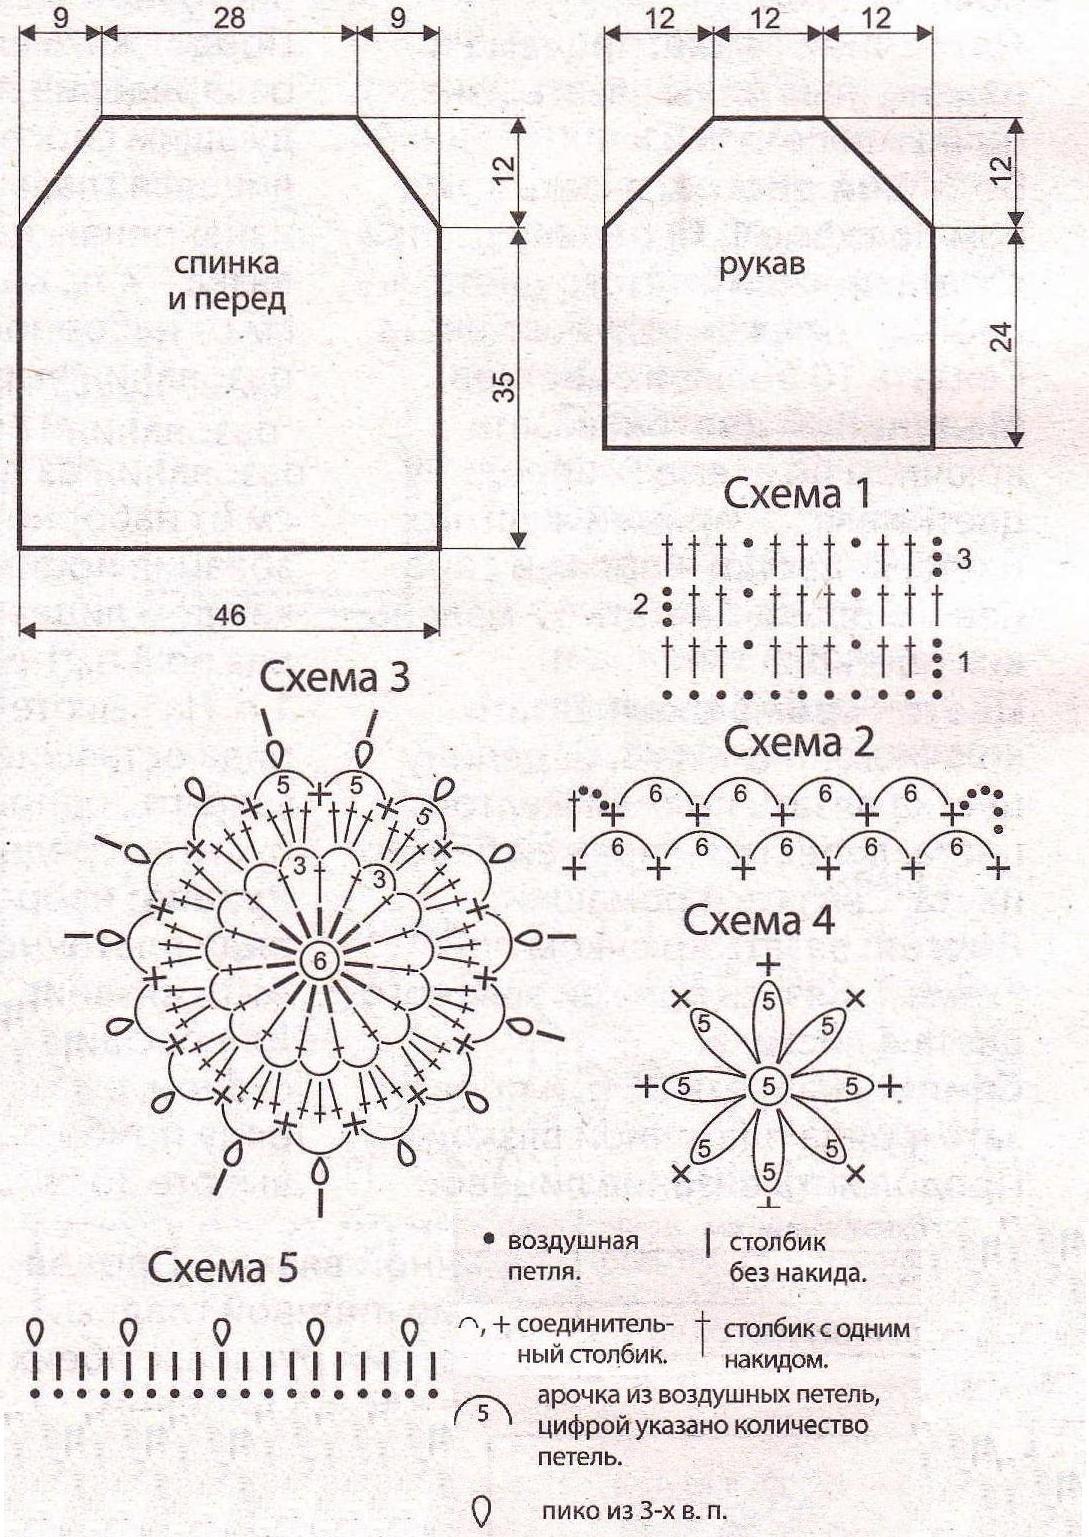 Вязаный крючком пуловер из цветочных фрагментов схема и выкройка